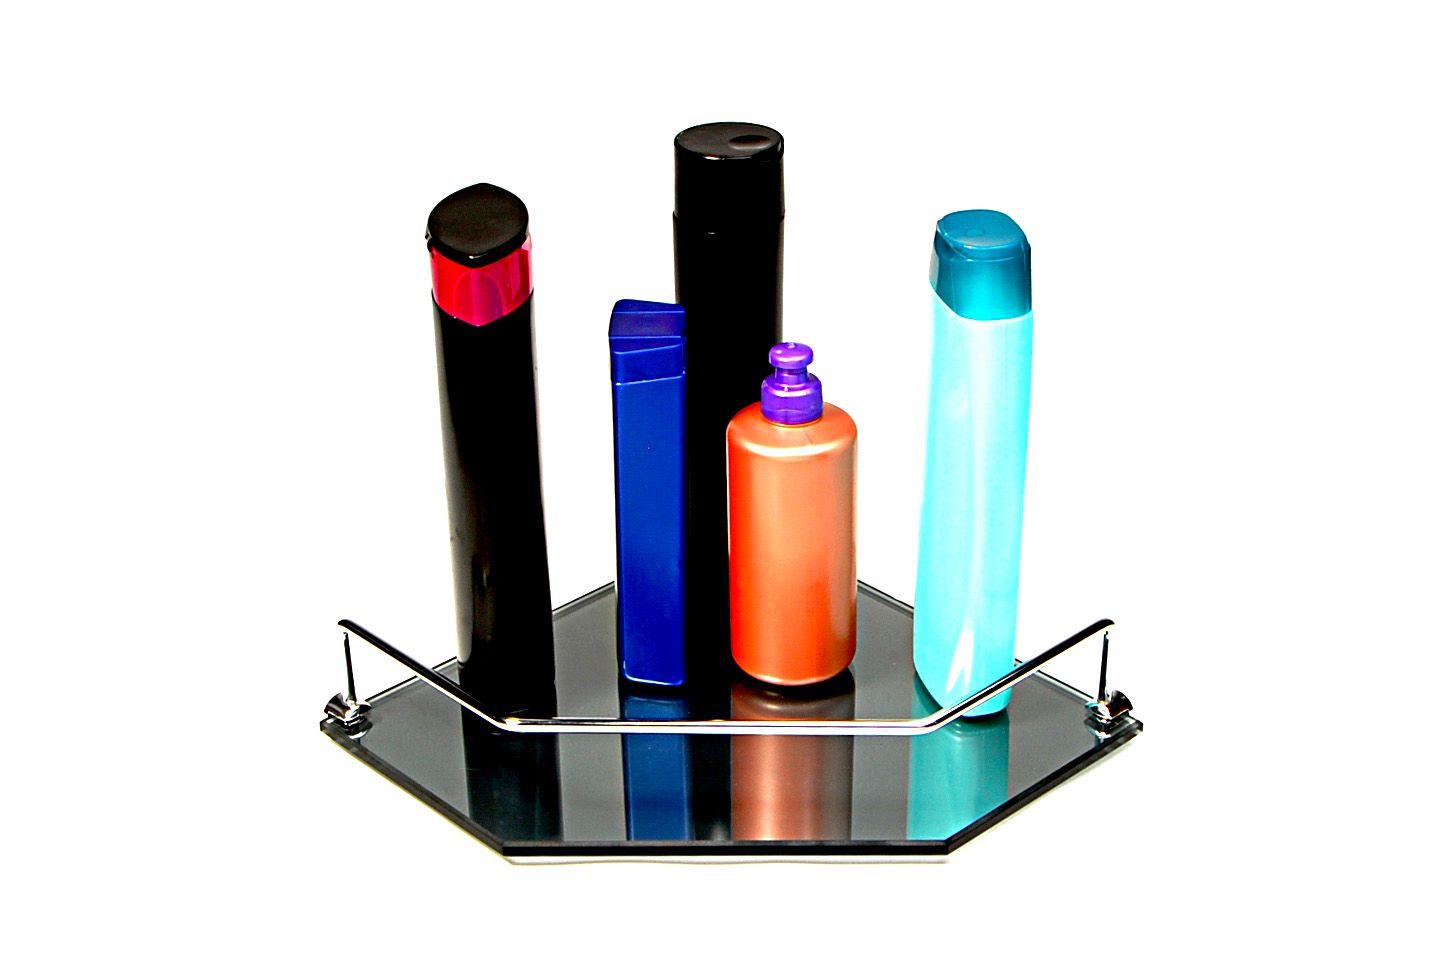 Porta Shampoo Canto Reto em Vidro Refletivo Lapidado - Aquabox  - 25cmx25cmx8mm